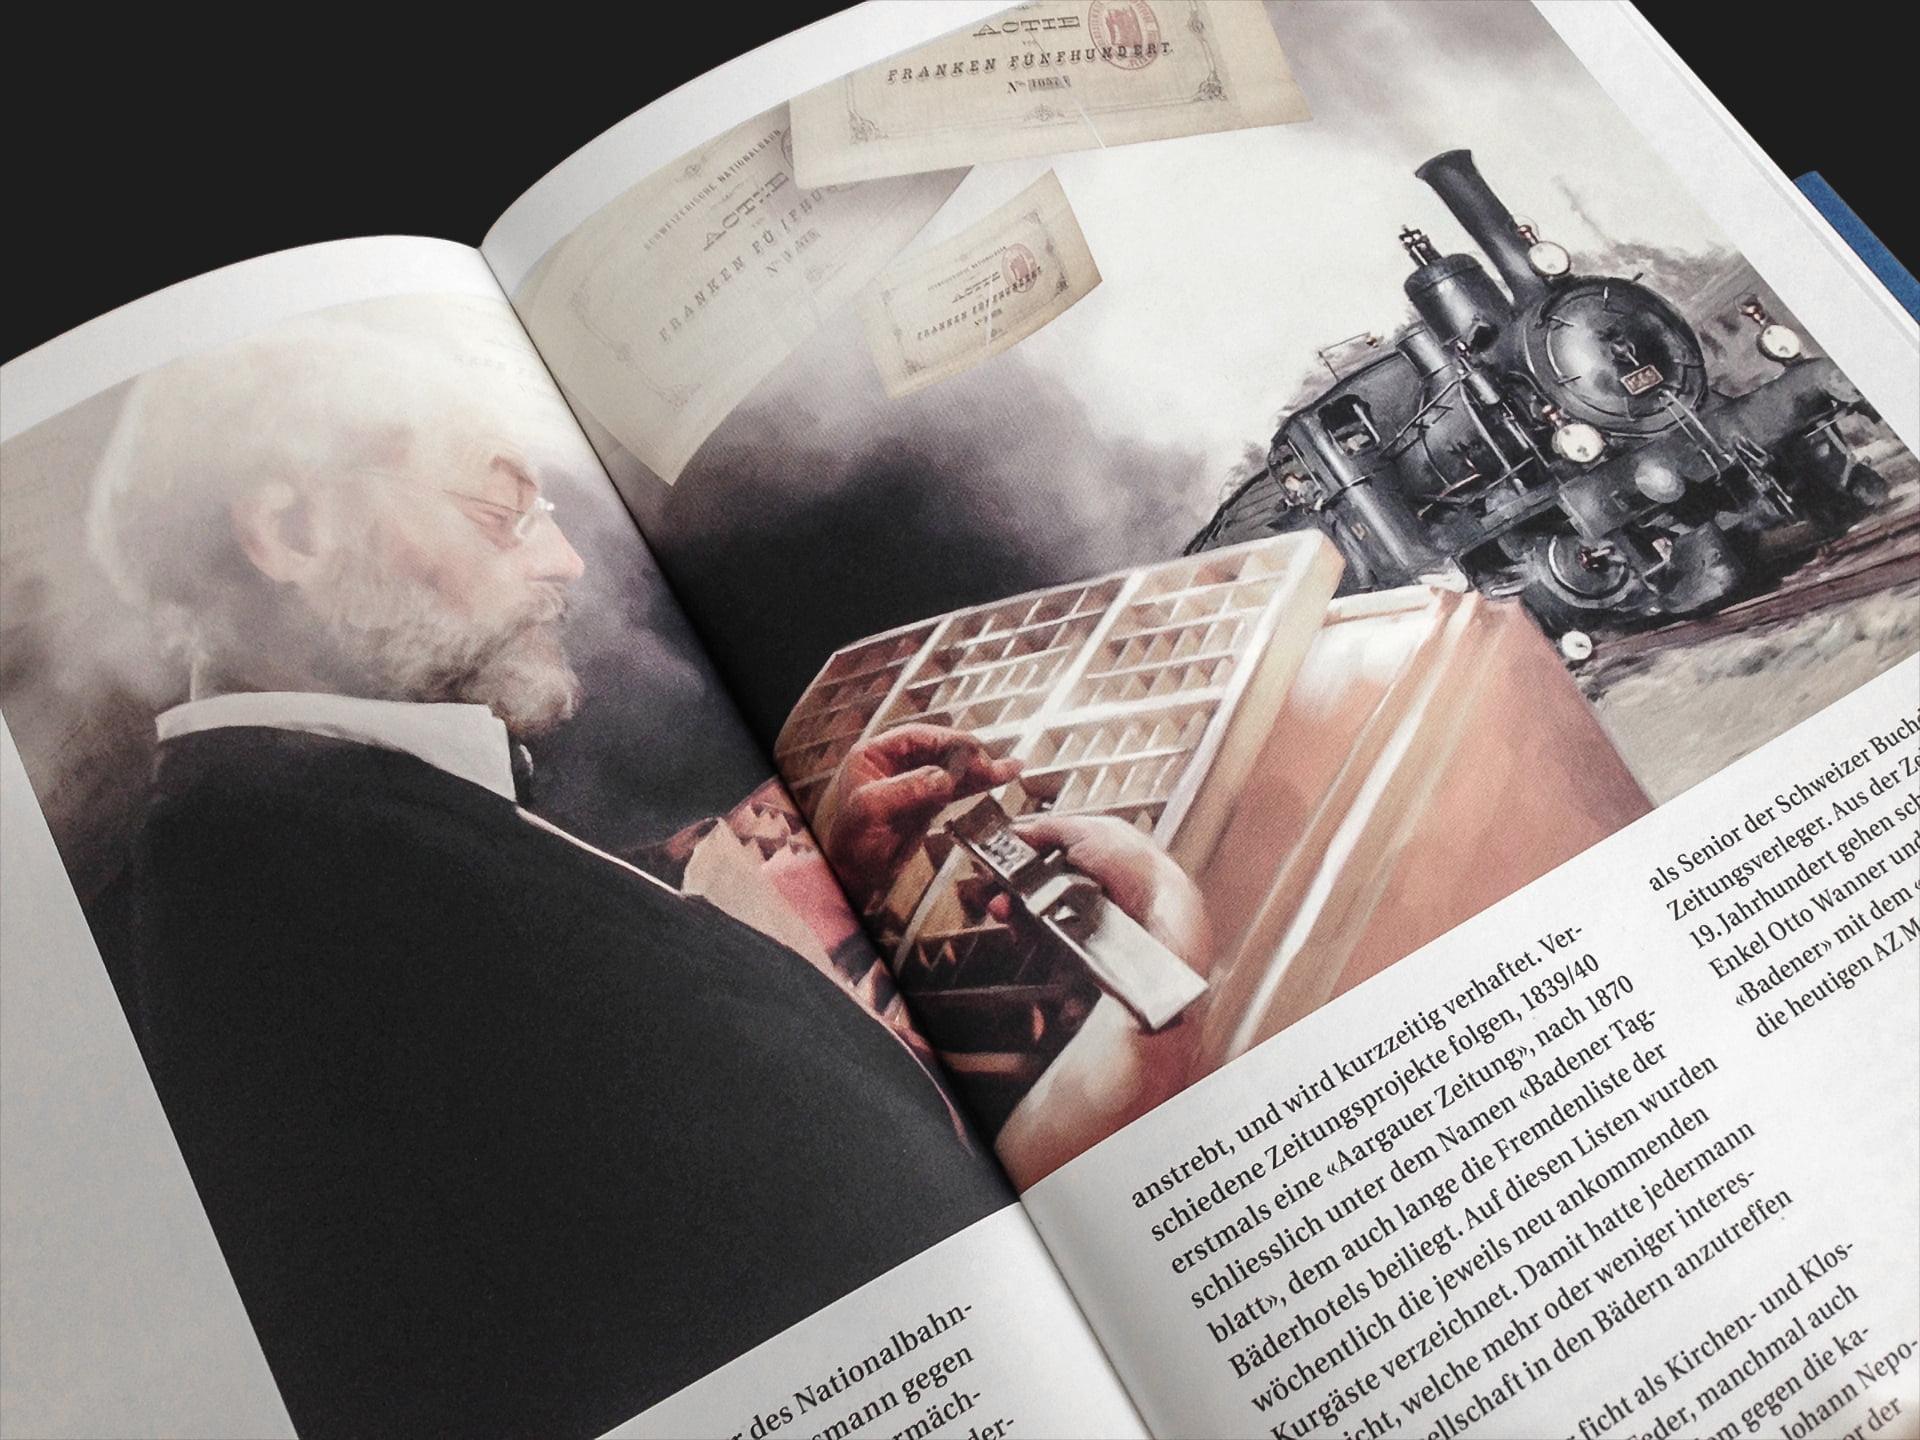 Stadtgeschichte Baden, Joseph Zehnder, illustrations, ikonaut